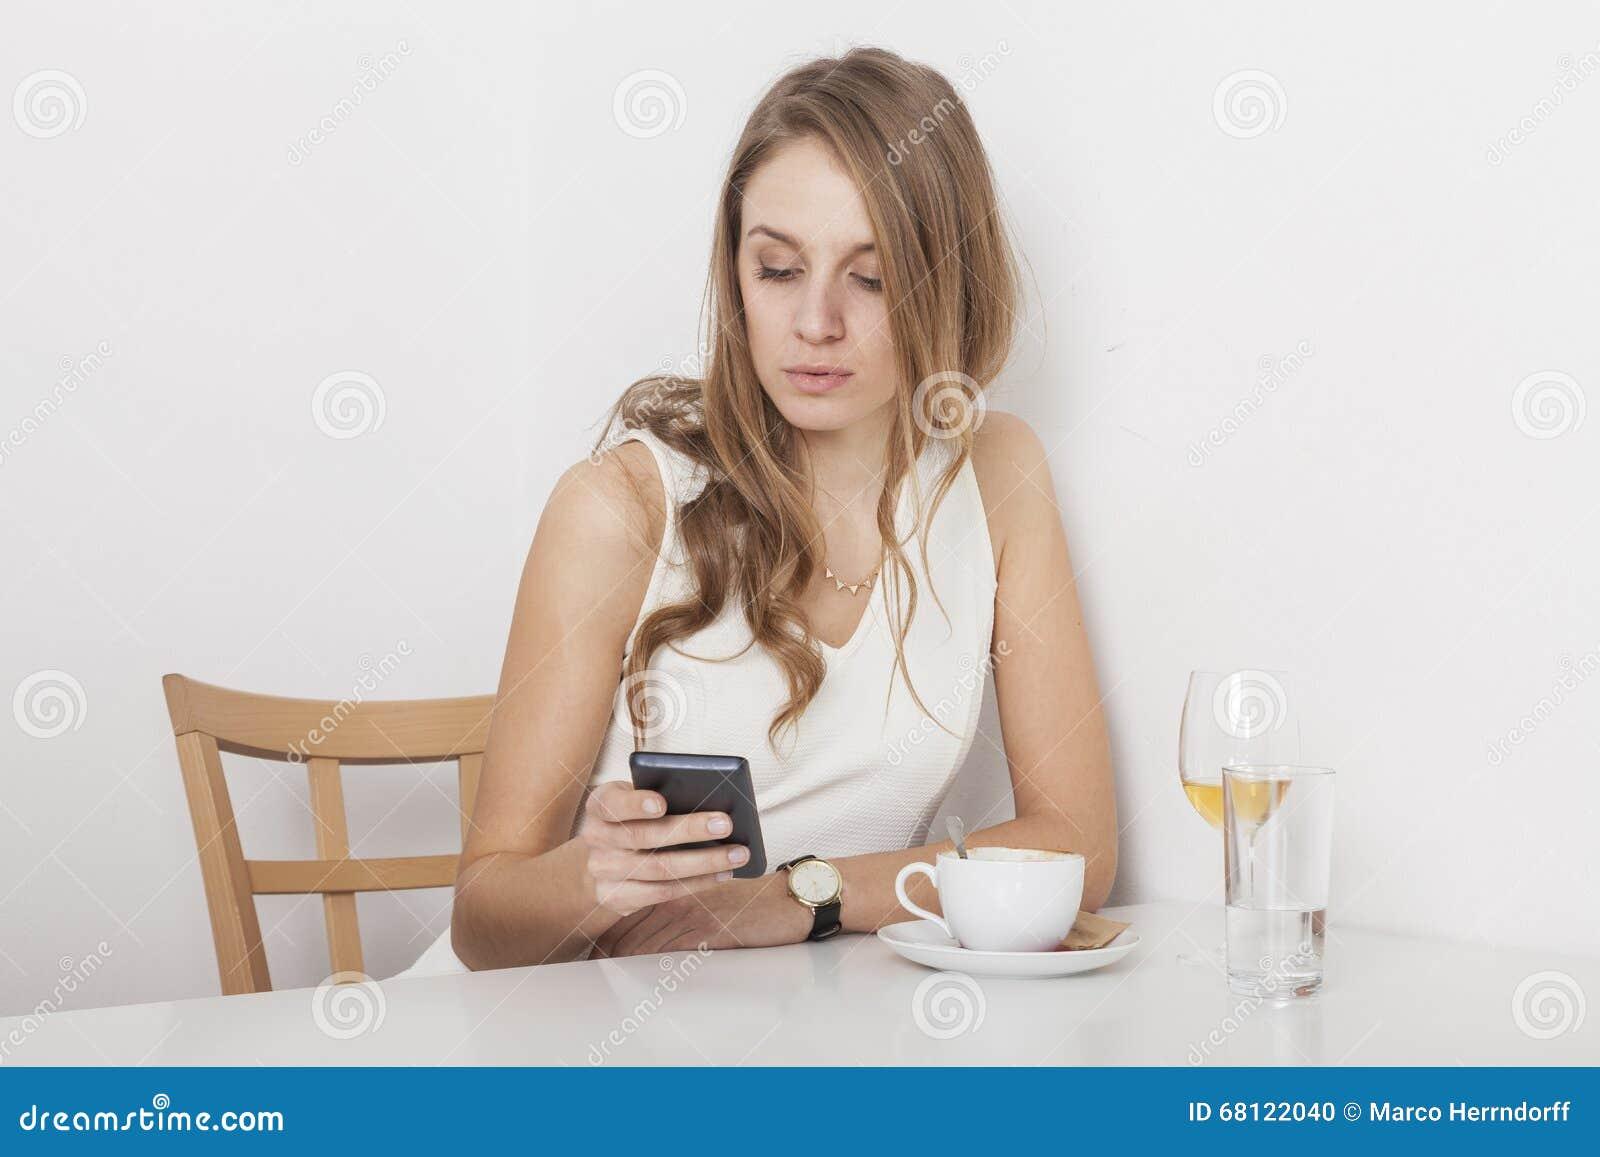 mobiele telefoon dating service Aziatische gay dating site